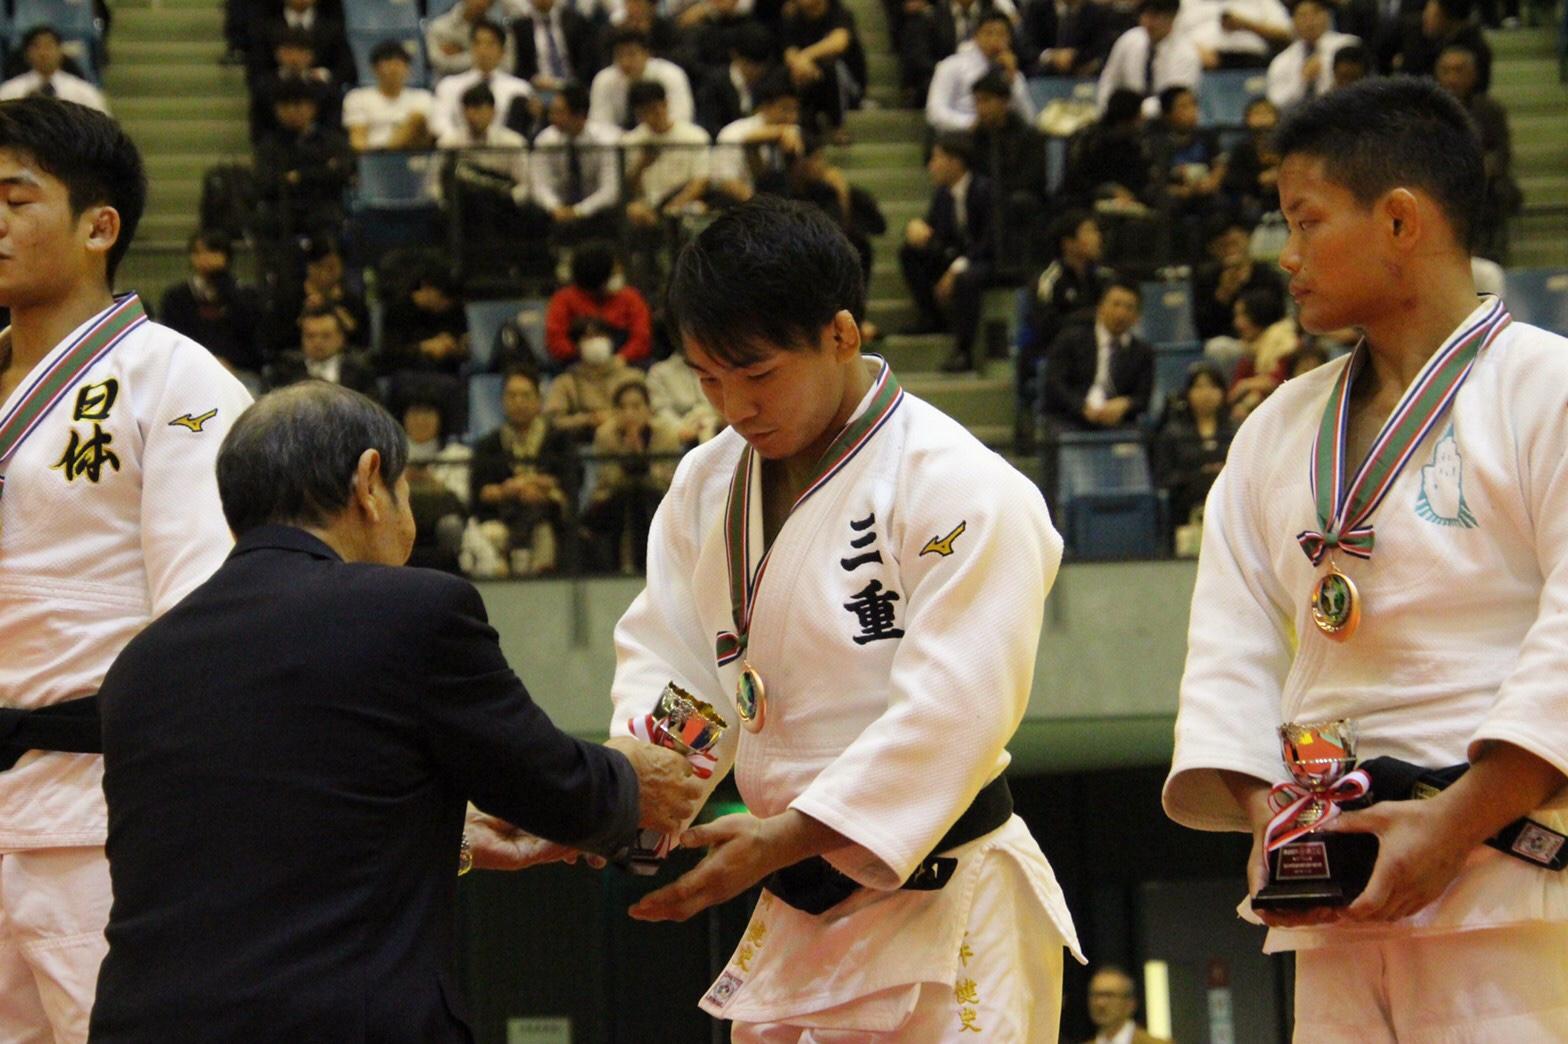 柔道国内最高峰大会、講道館杯で土井健史が3位!